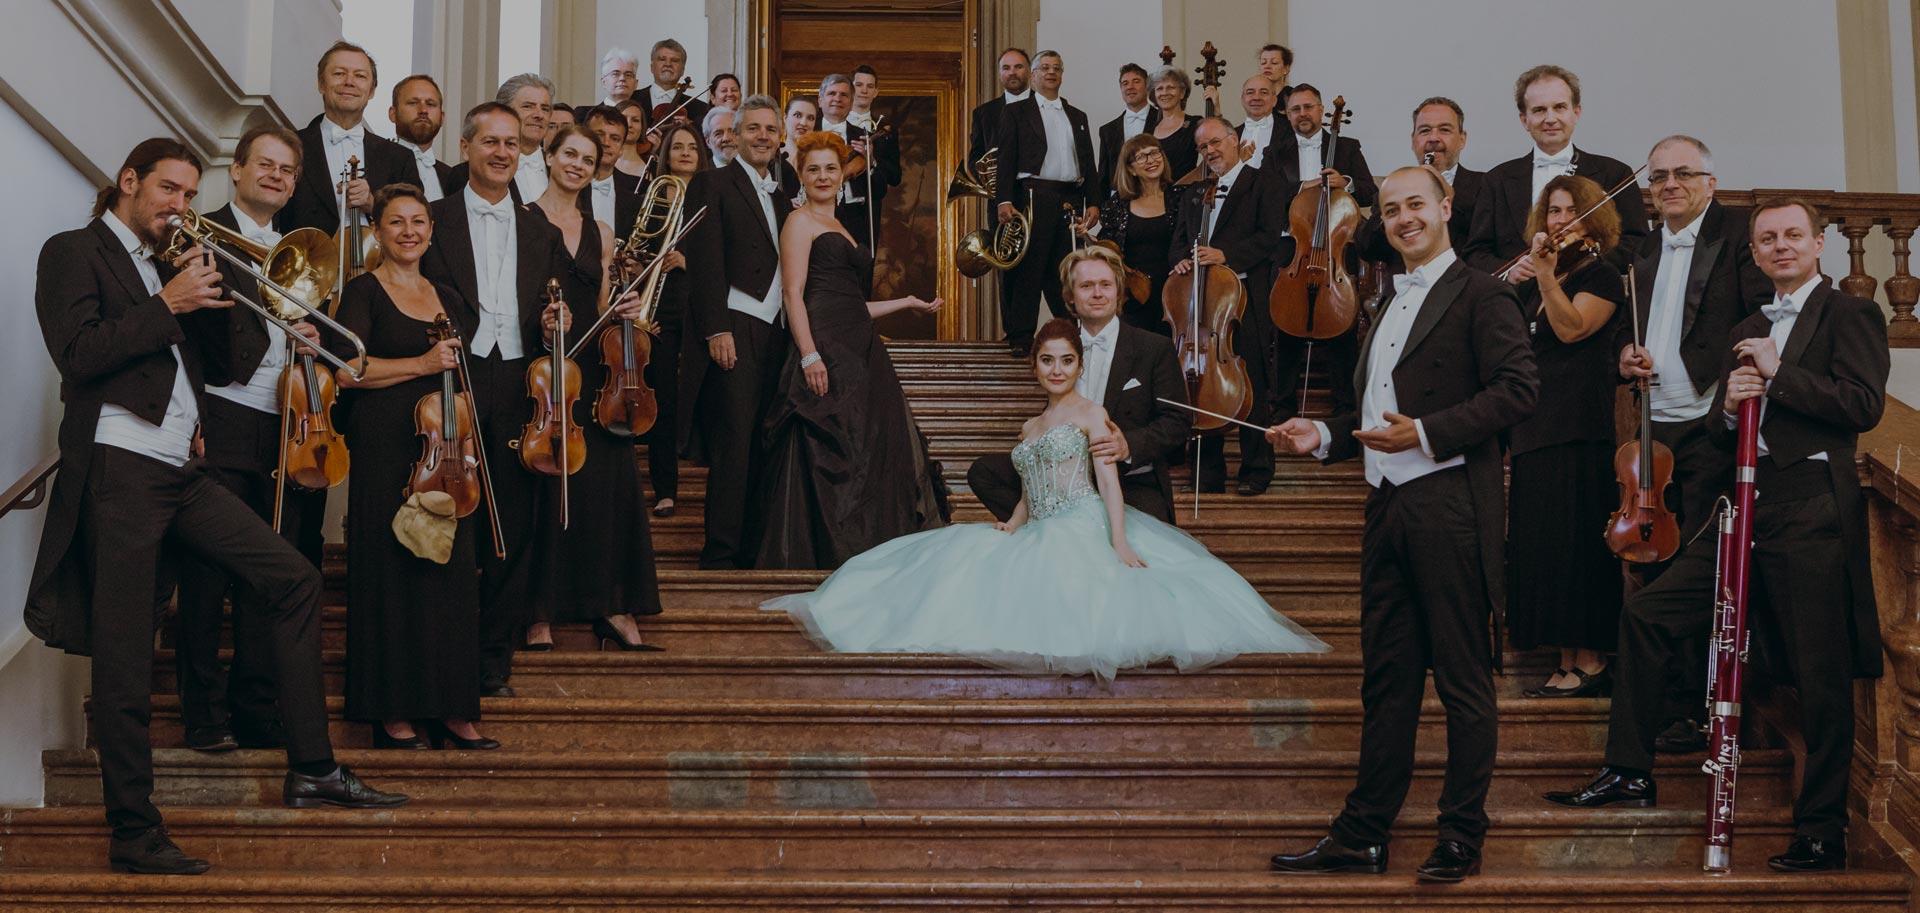 Wiener Hofburg-Orchester beim Neujahrskonzert im Palais Liechtenstein